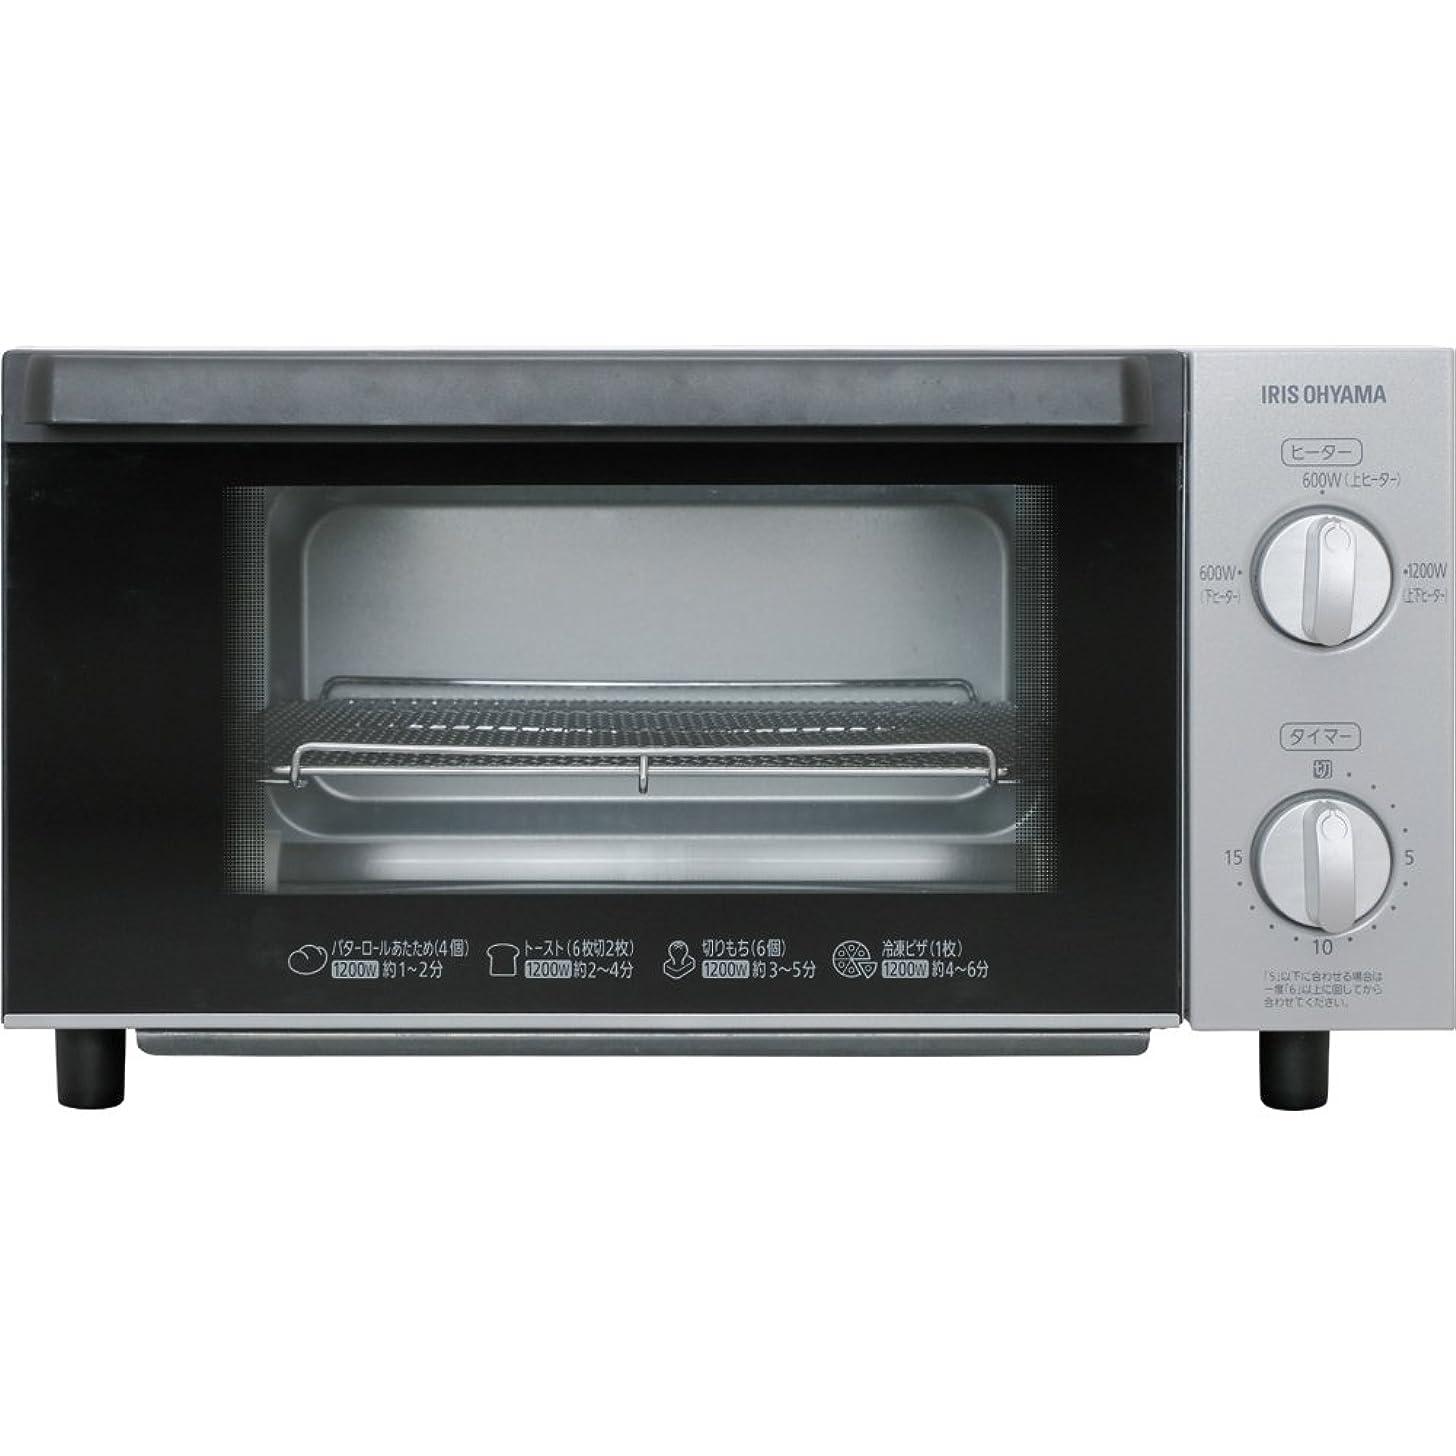 西部文明化ゆるいアイリスオーヤマ オーブントースター 4枚 トースト 1200W 600W 温度調節 タイマー機能付 ホワイト EOT-1203C